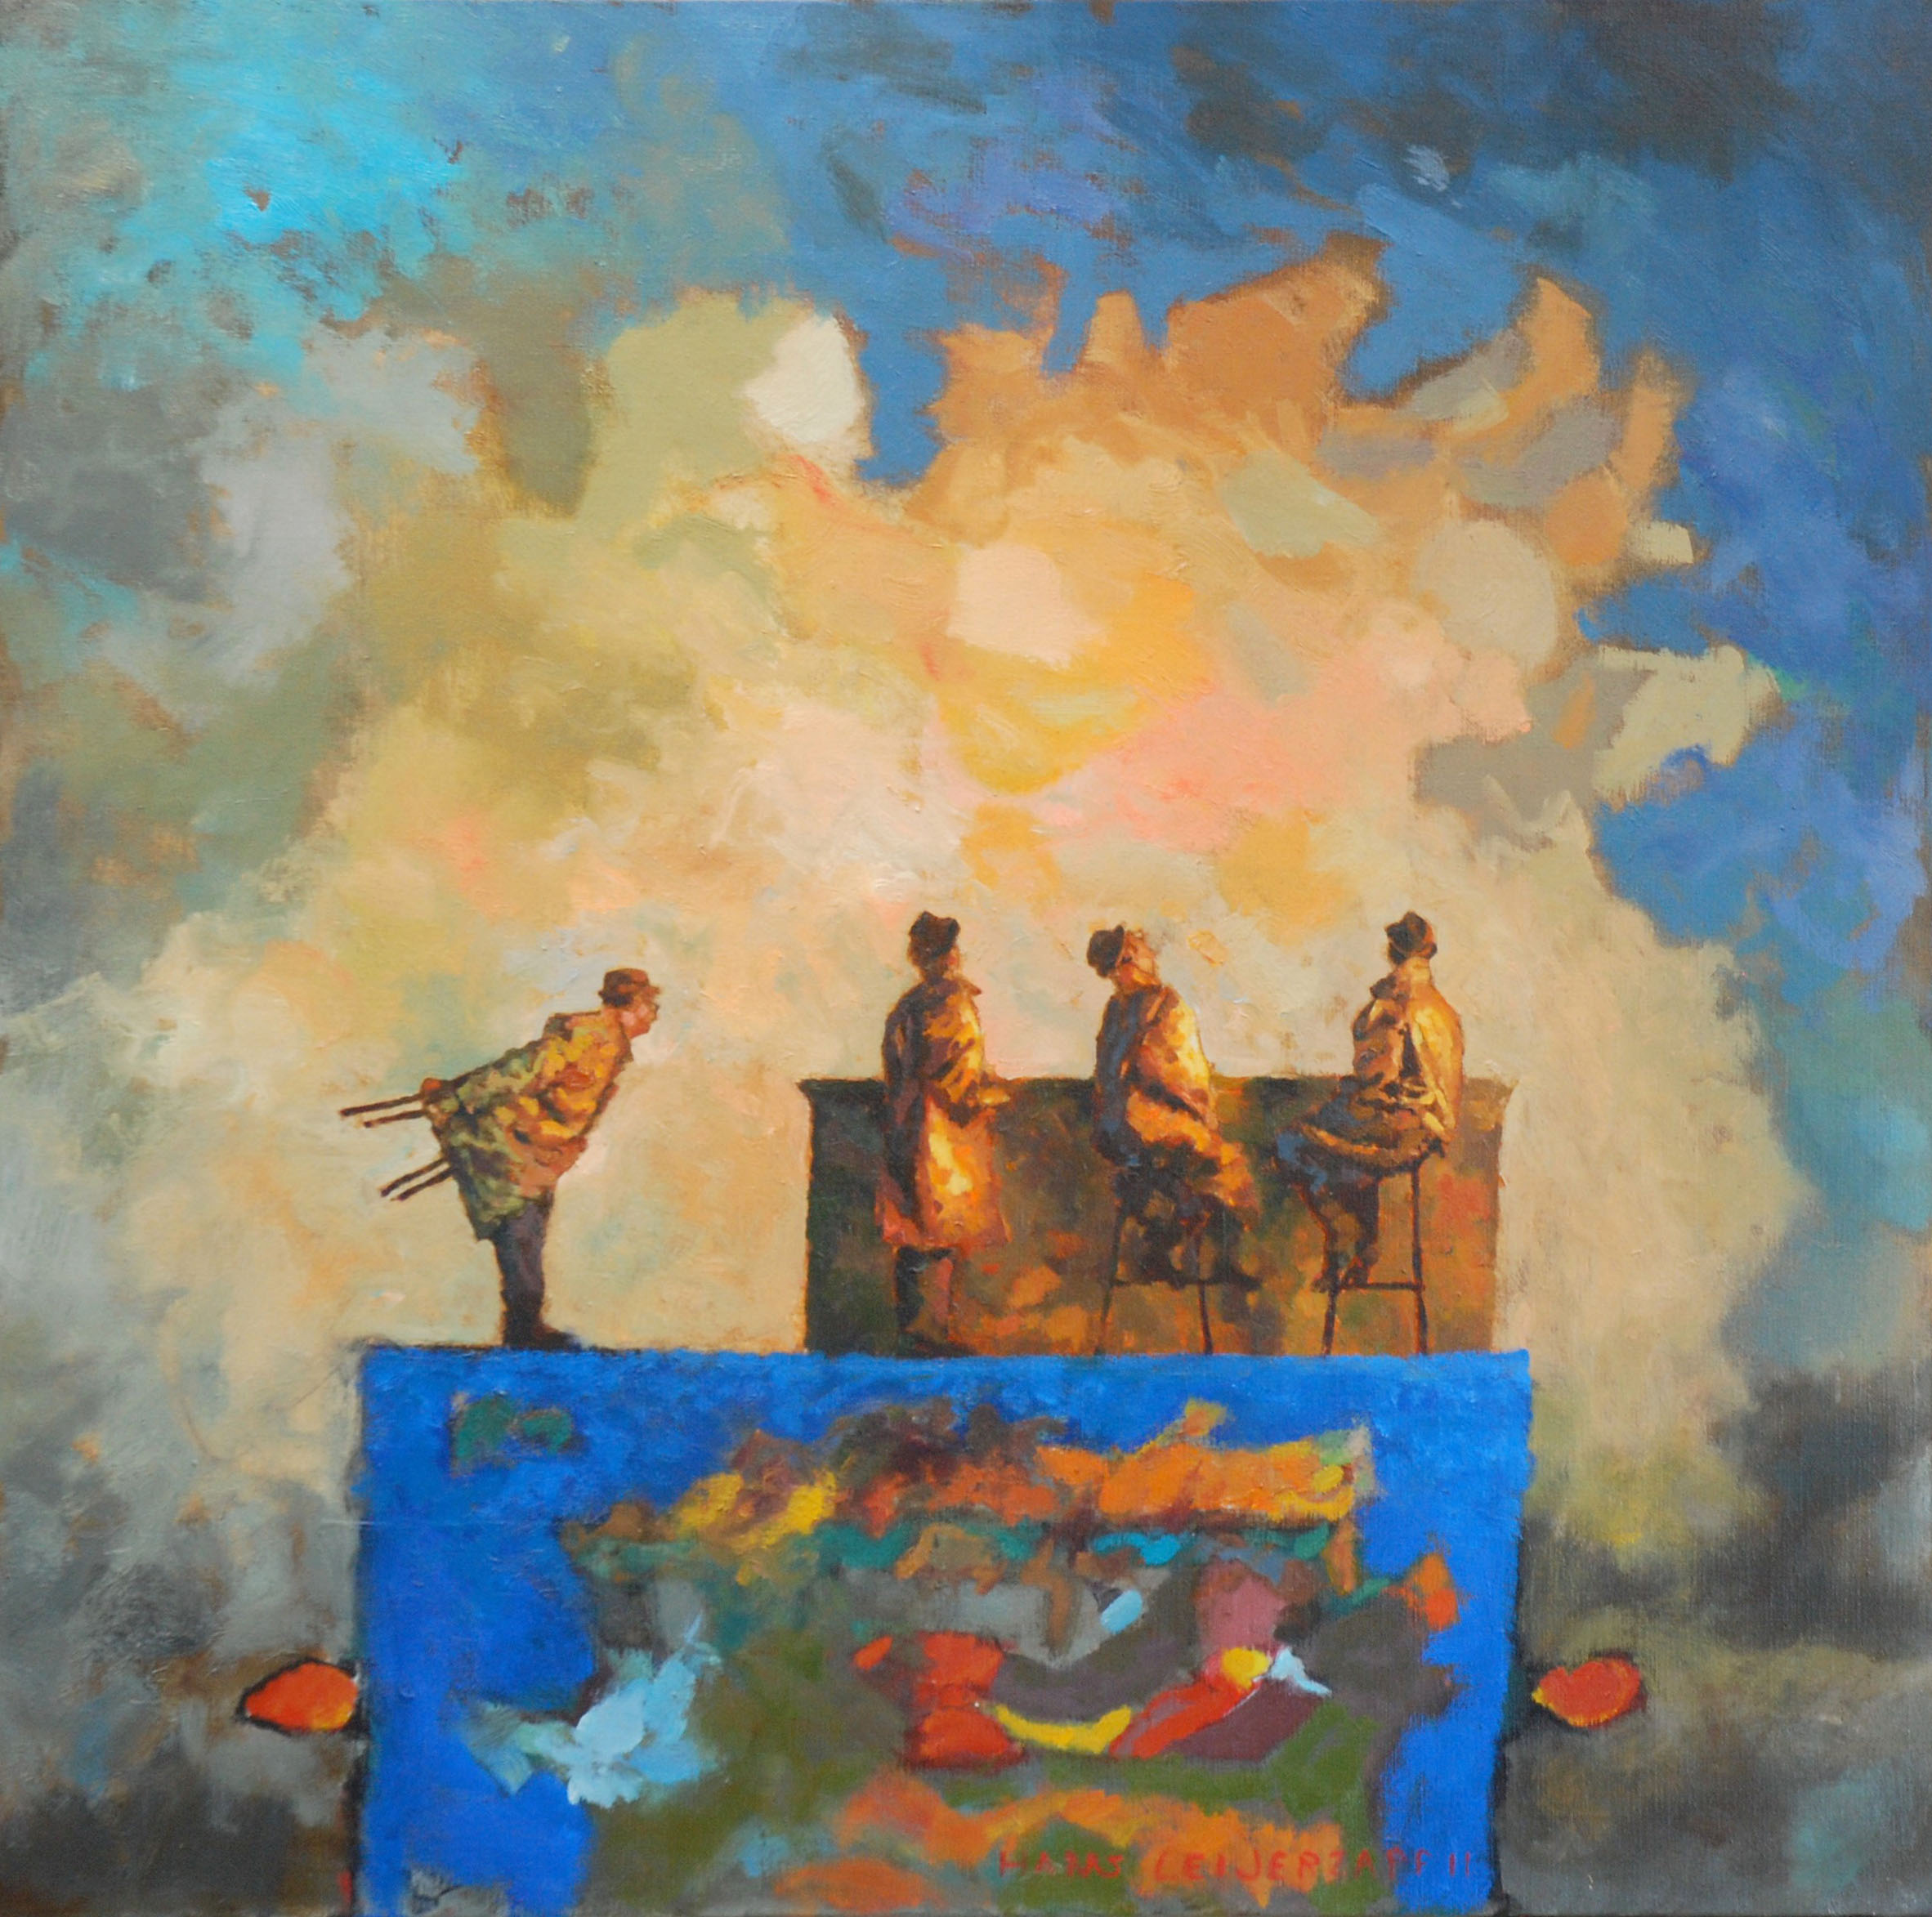 Hans-Leijerzapf-schilderij-doek-canvas-Bijna_Iedereen_zit-100_100-cm